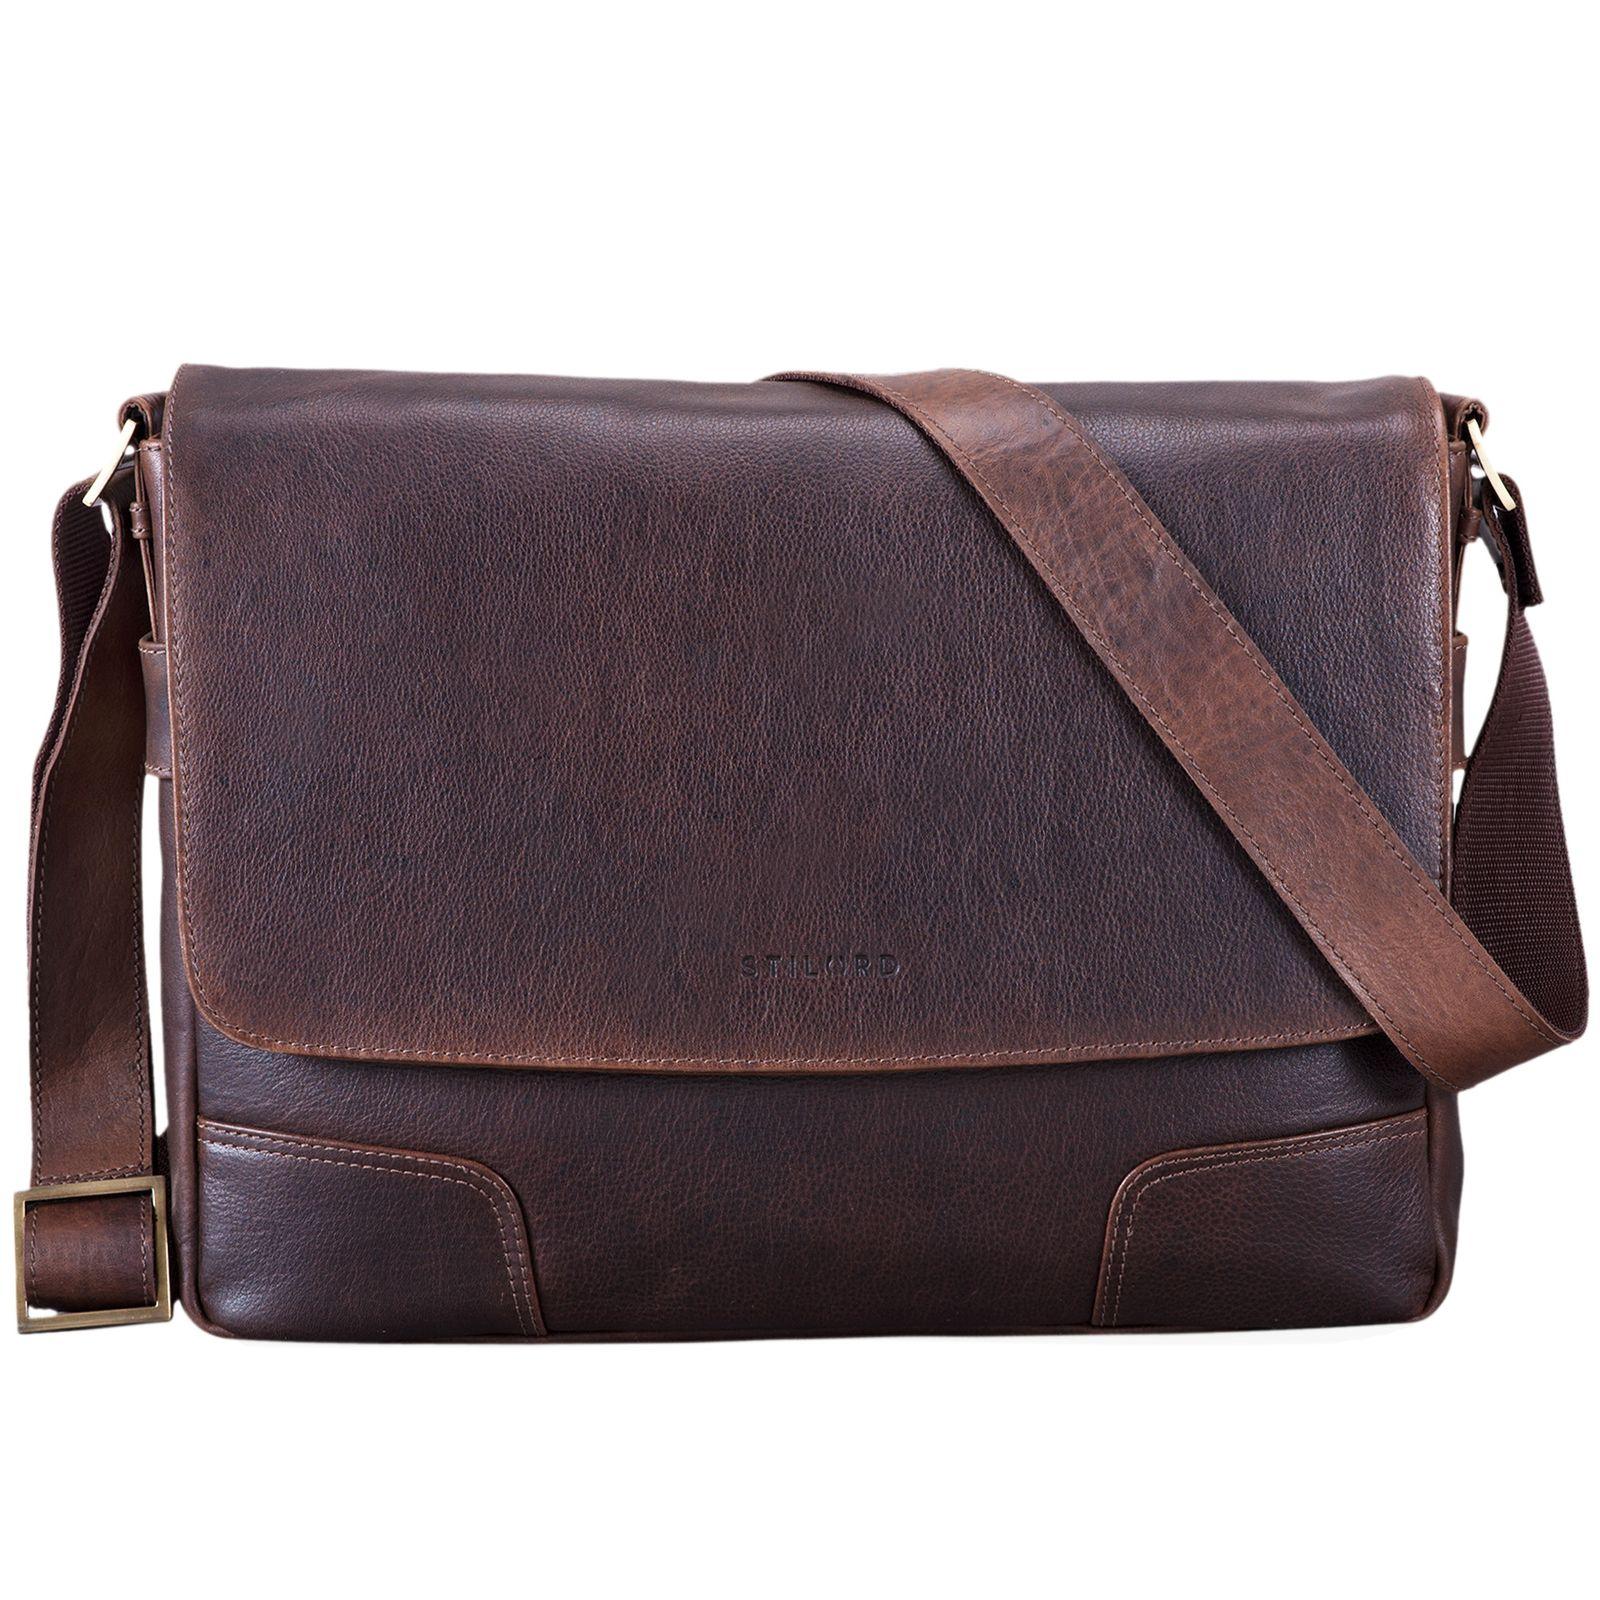 """STILORD """"Miro"""" Messenger Bag Leder Umhängetasche 14 Zoll Vintage Design für Herren Damen Uni Büro Arbeit Aktentasche DIN A4 Laptoptasche Echtleder - Bild 3"""